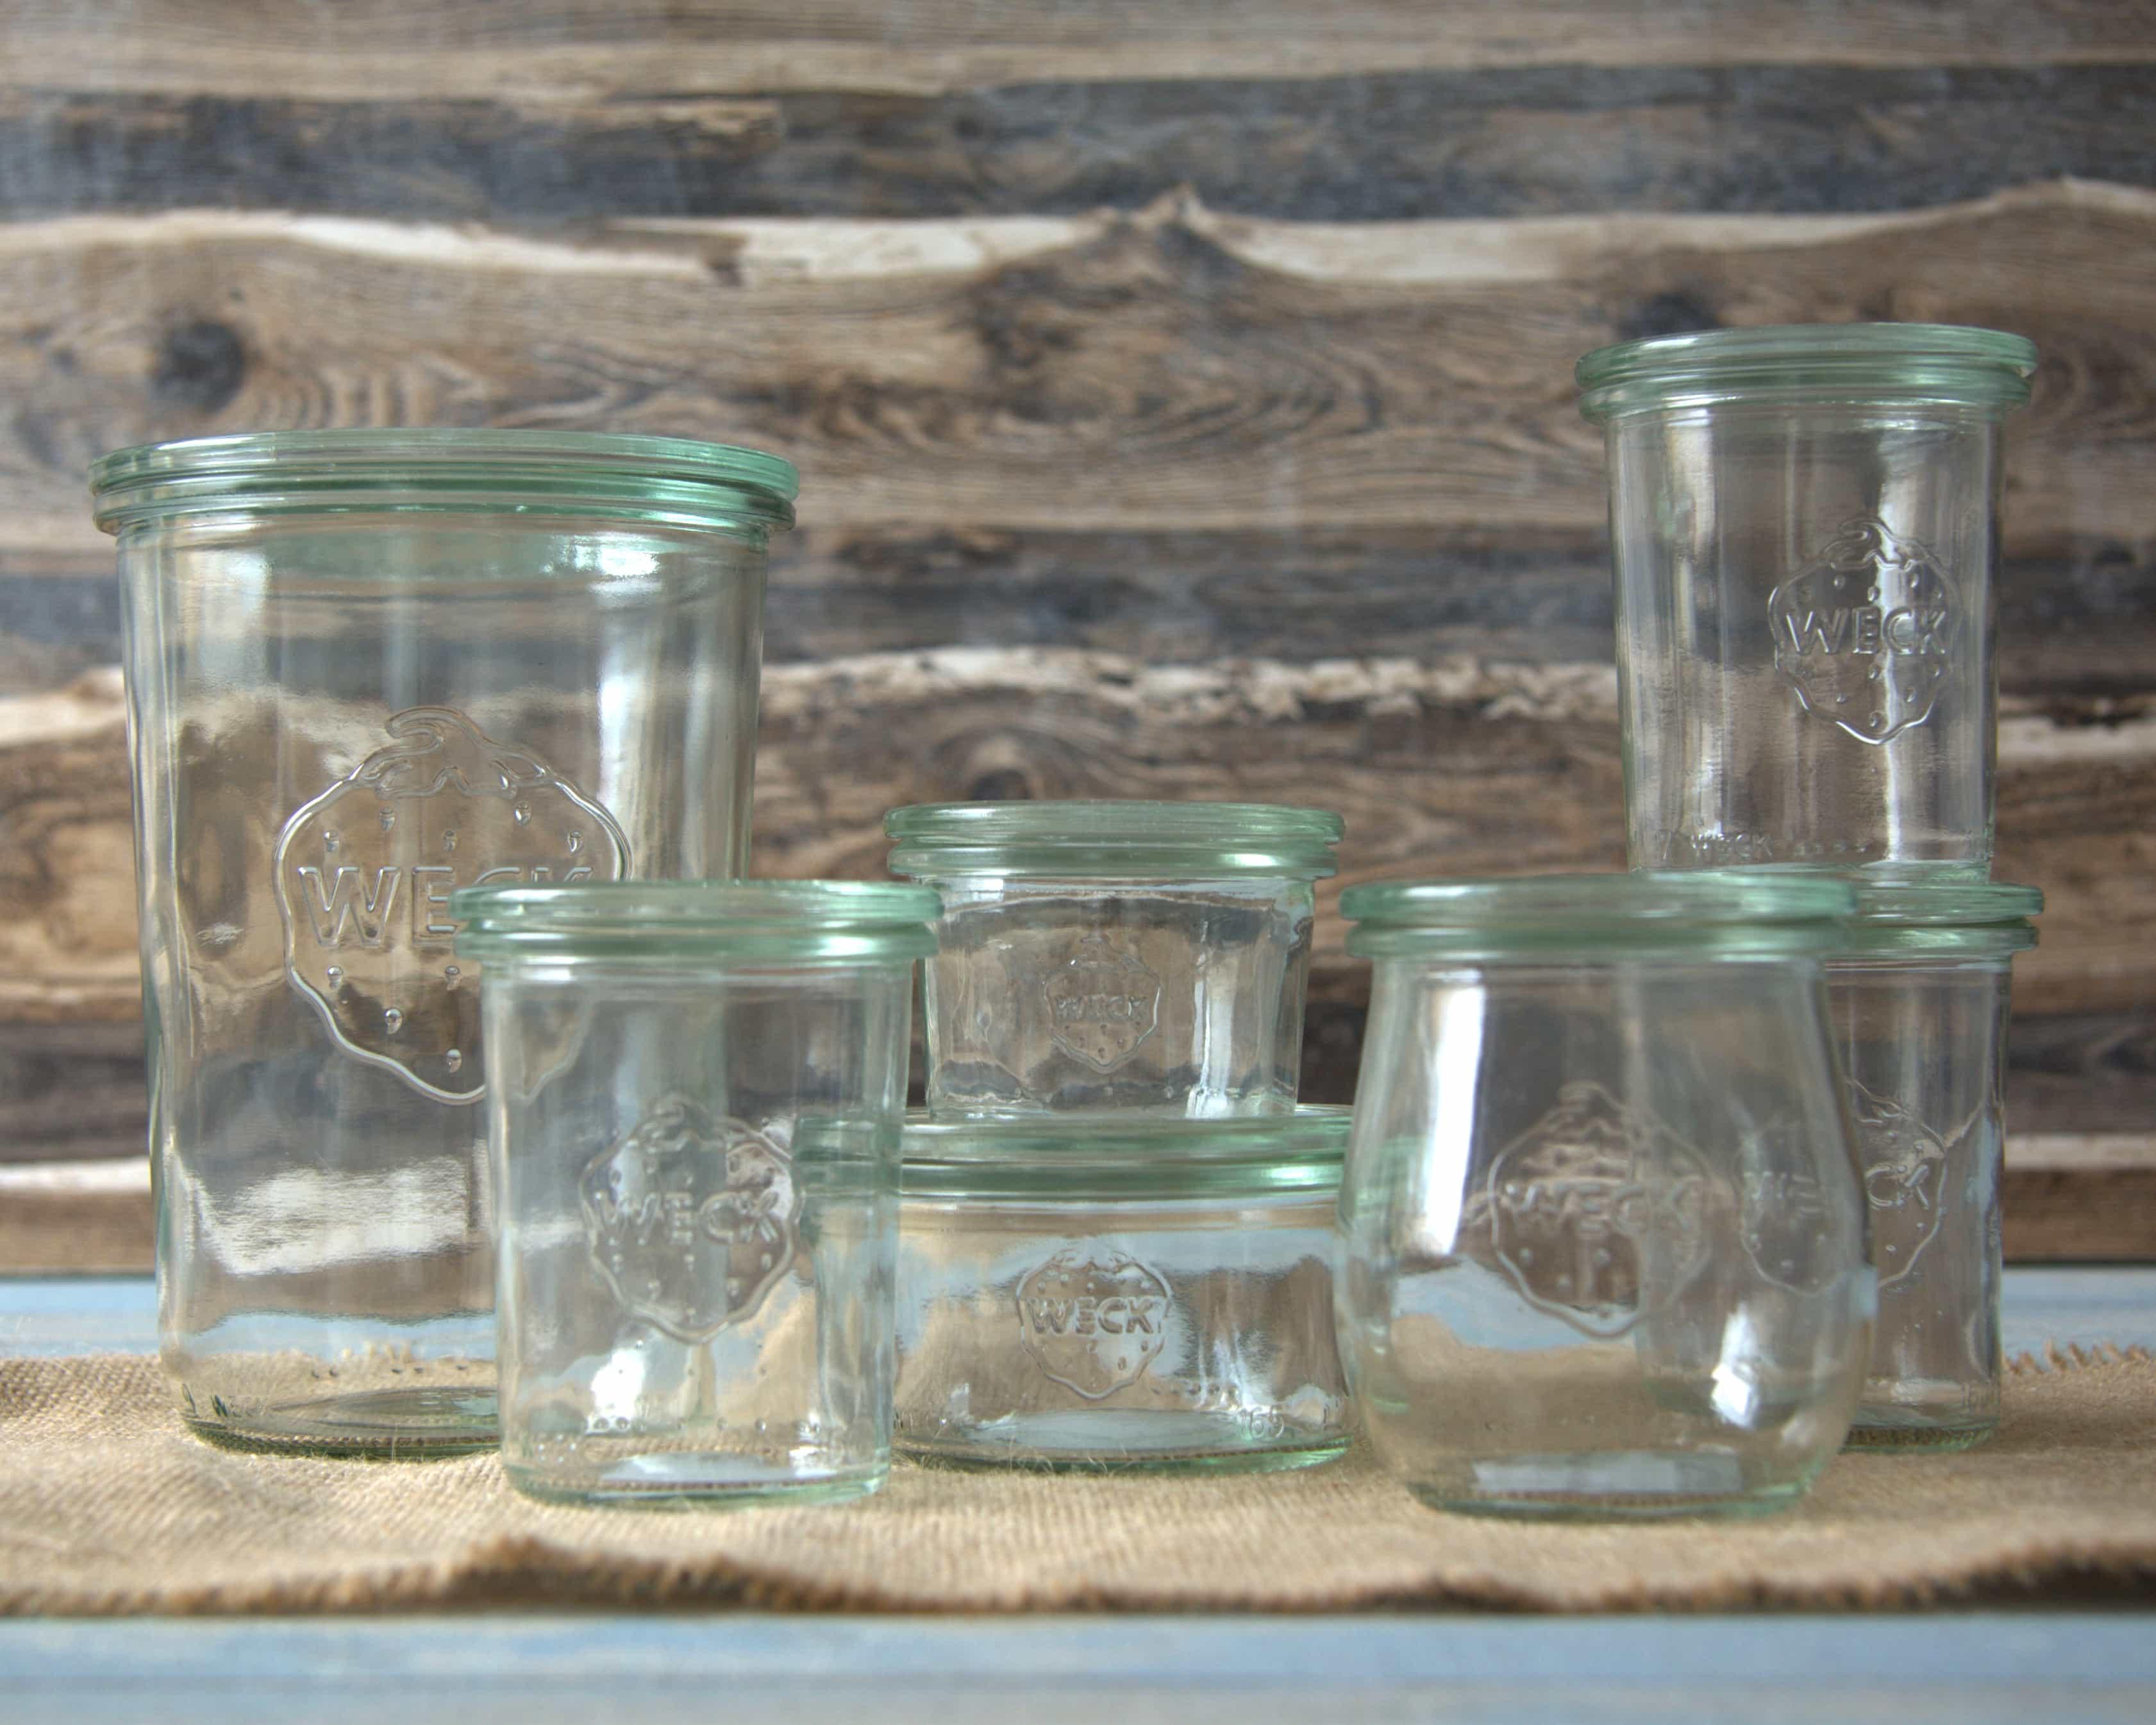 Weck, Glas, Marmeladenglas, Einkochen, Einmachen, Carl Tode, Göttingen